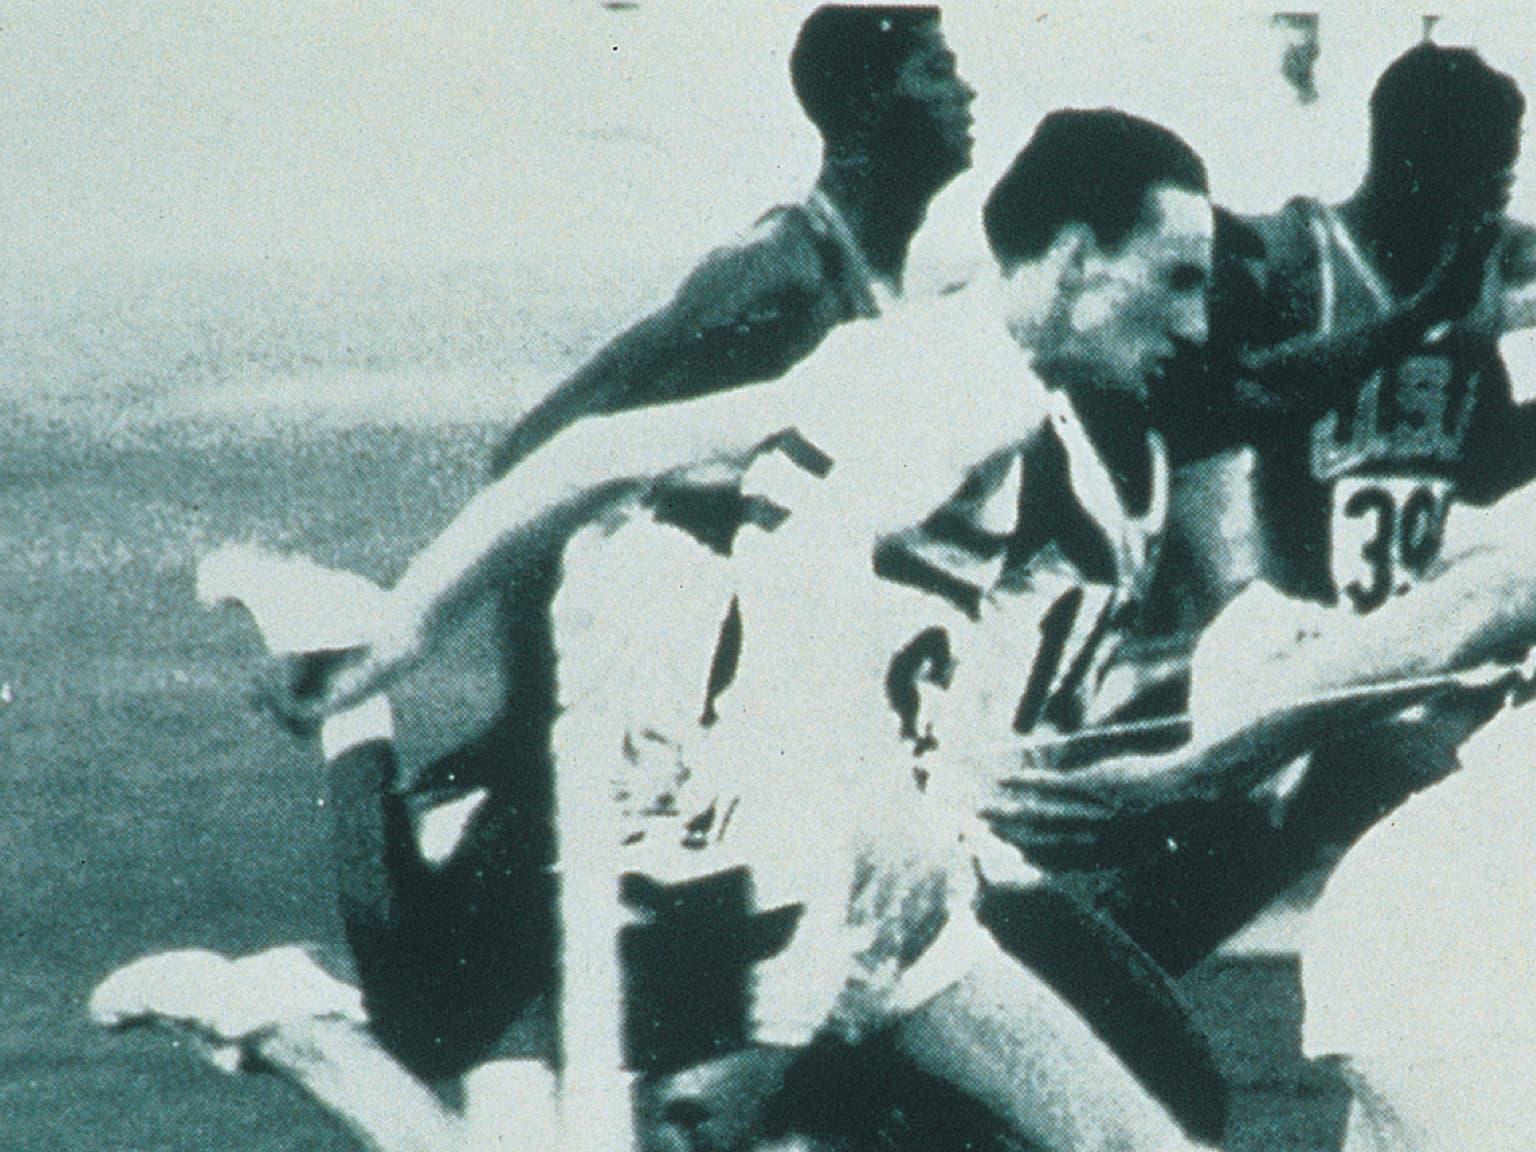 Armin Harry 1960 Jeux olympiques de Rome